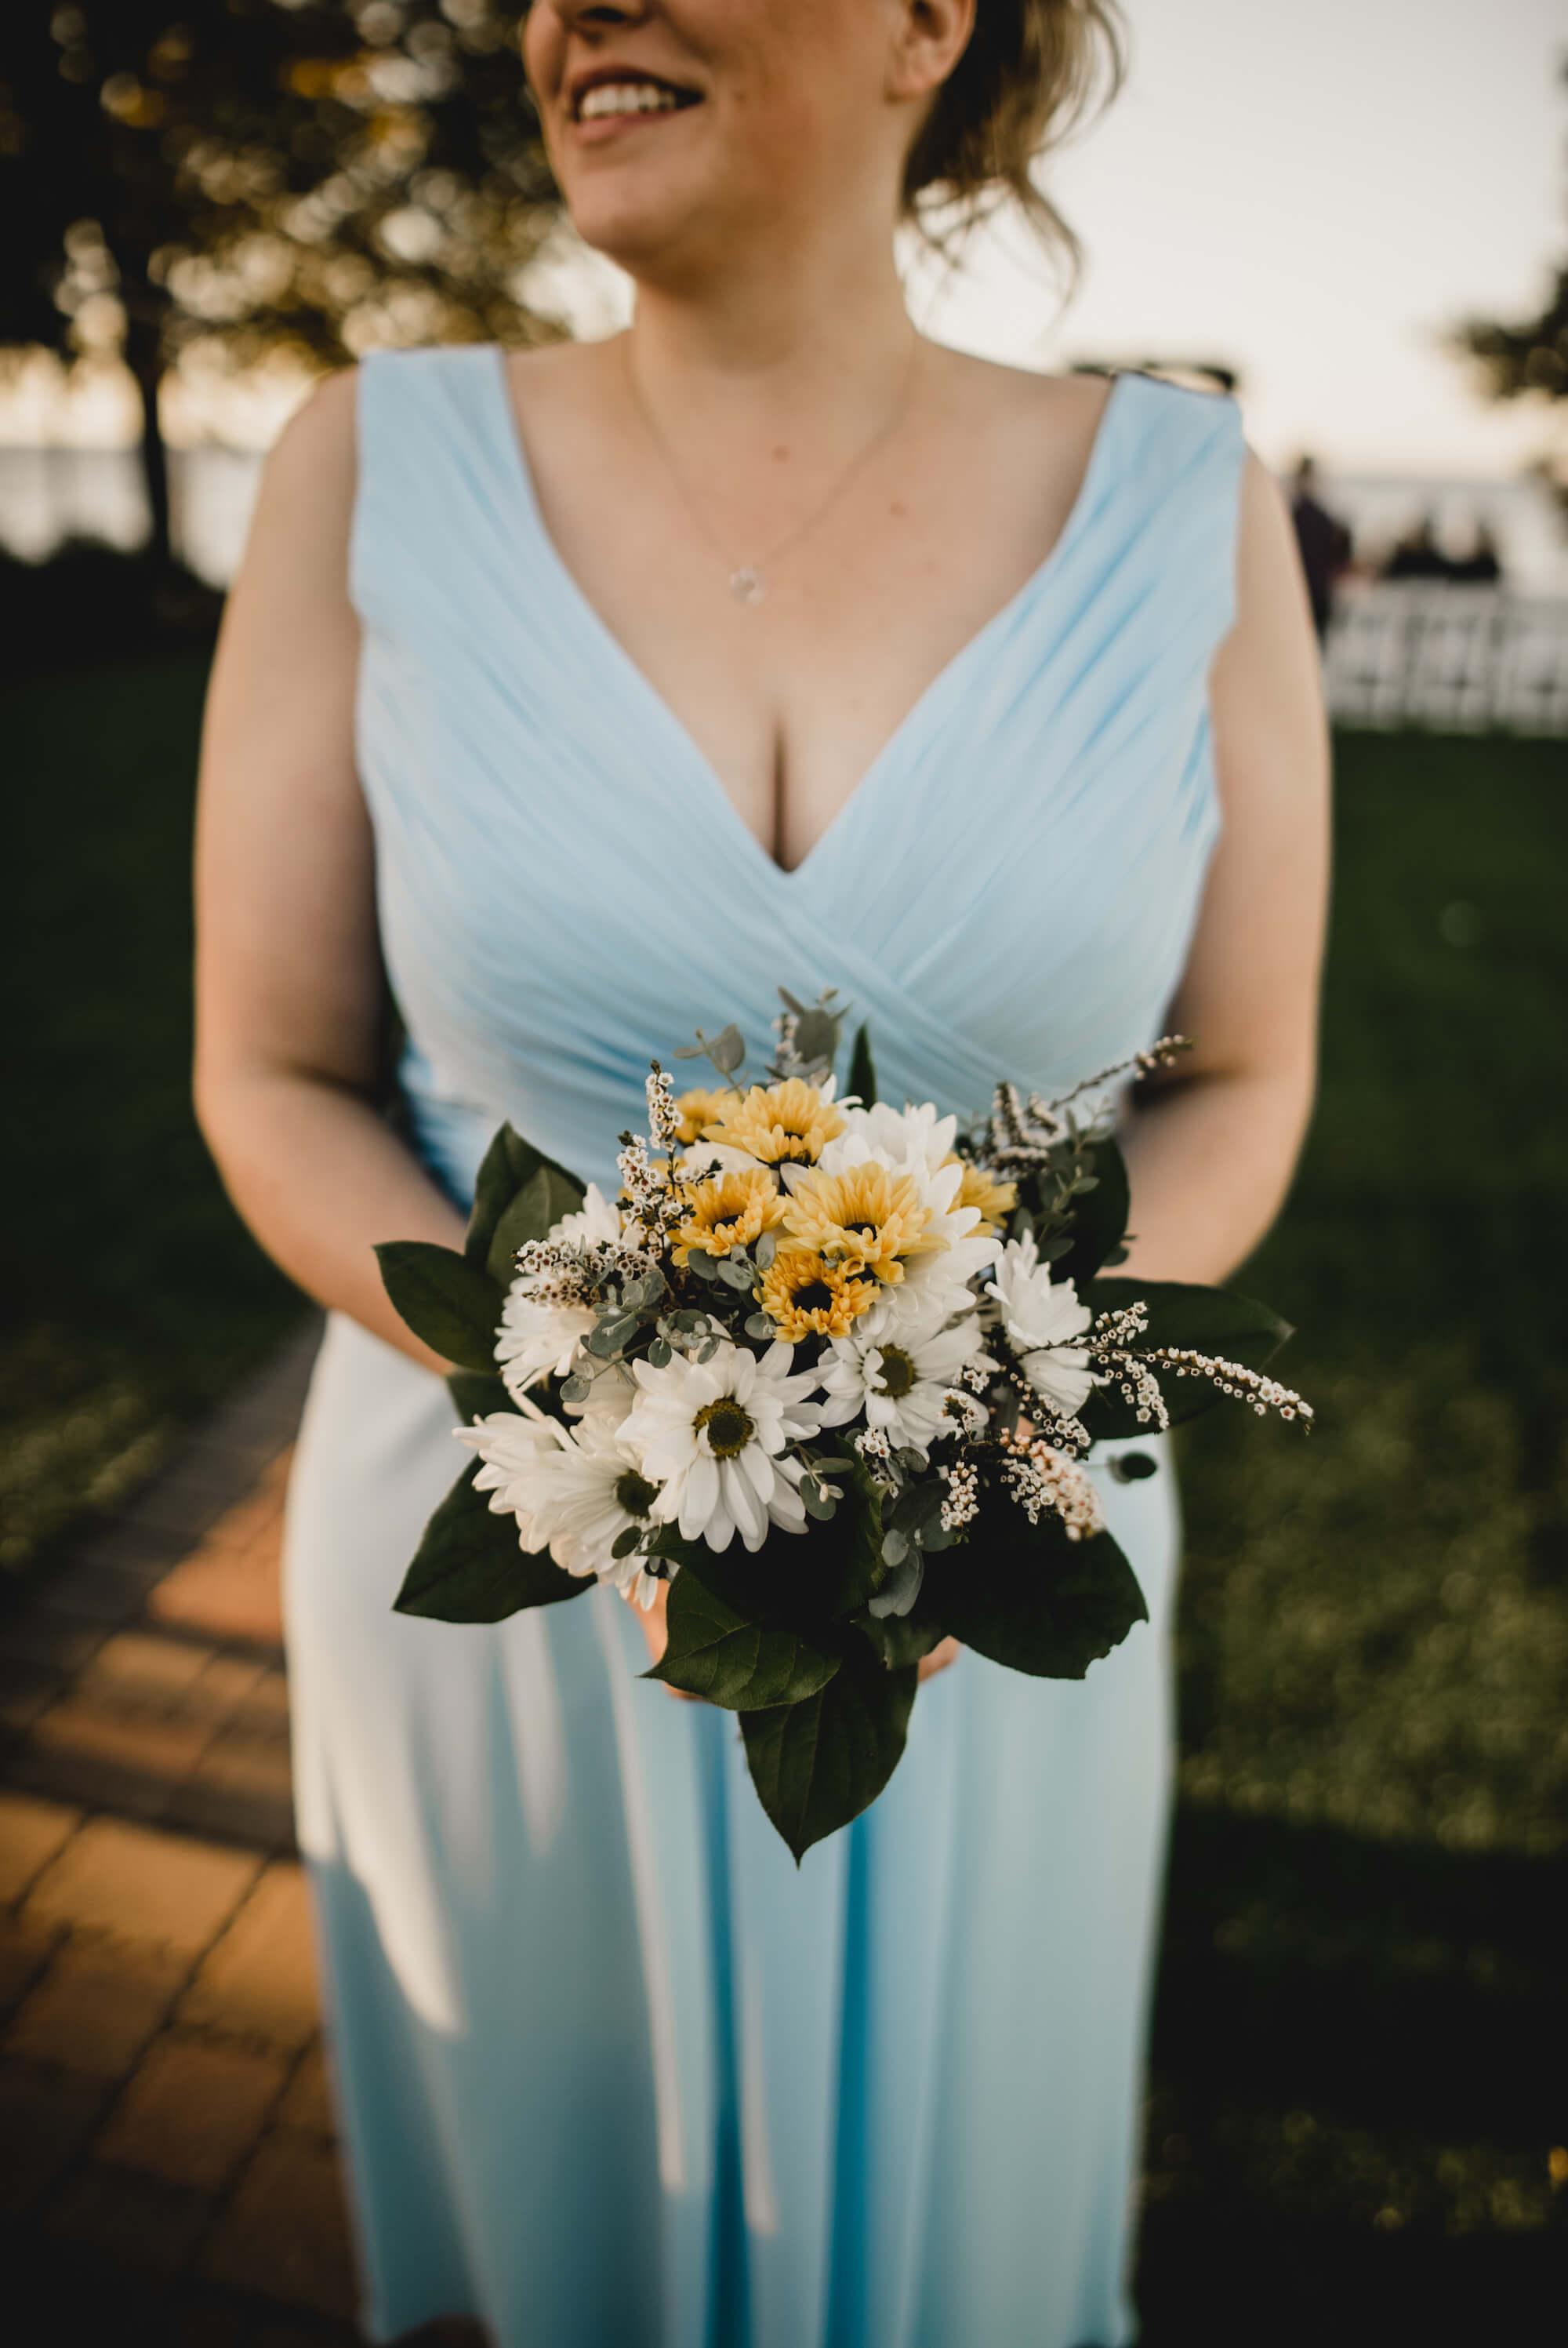 engle-olson-tammy-marc-wedding-40.jpg